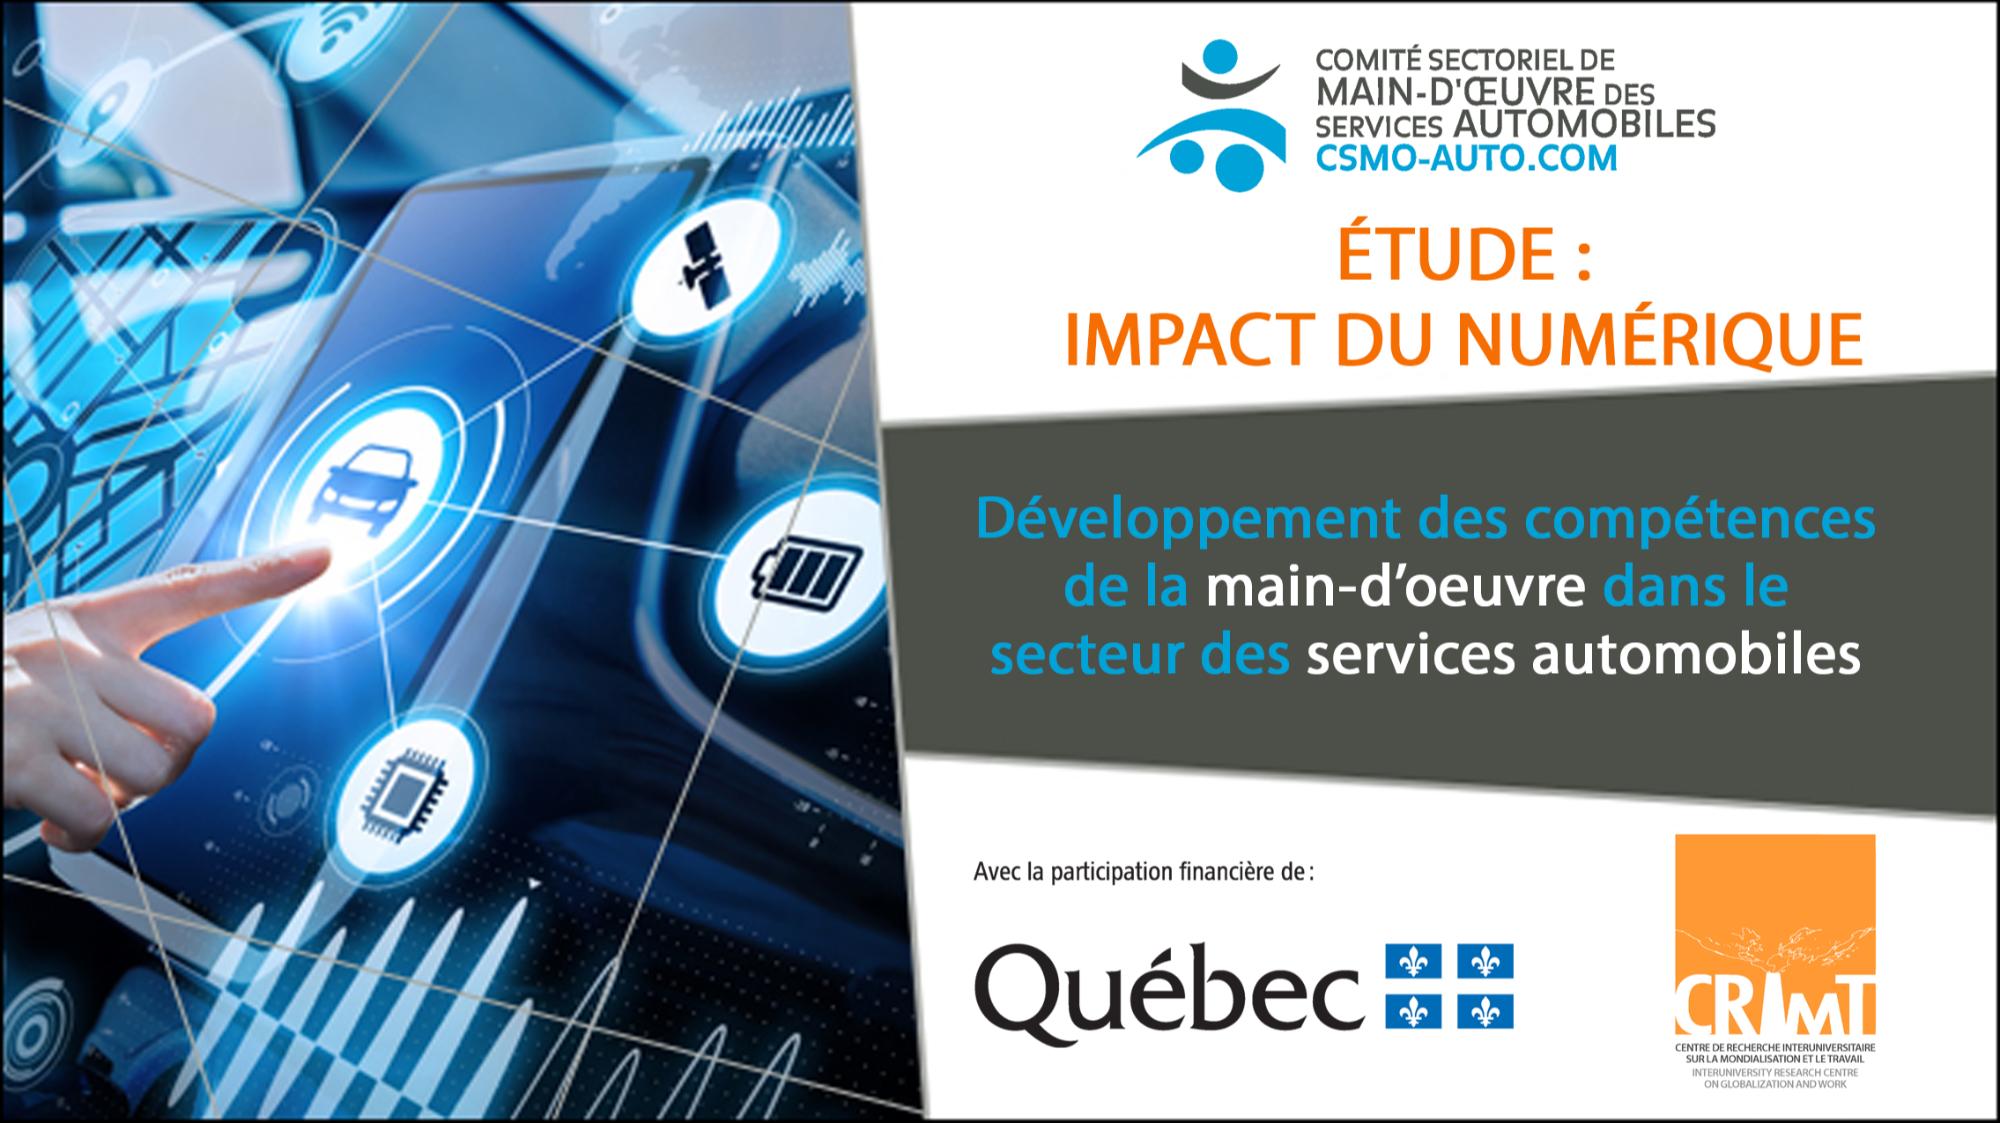 WEBINAIRE : Présentation de l'étude sur l'impact du numérique